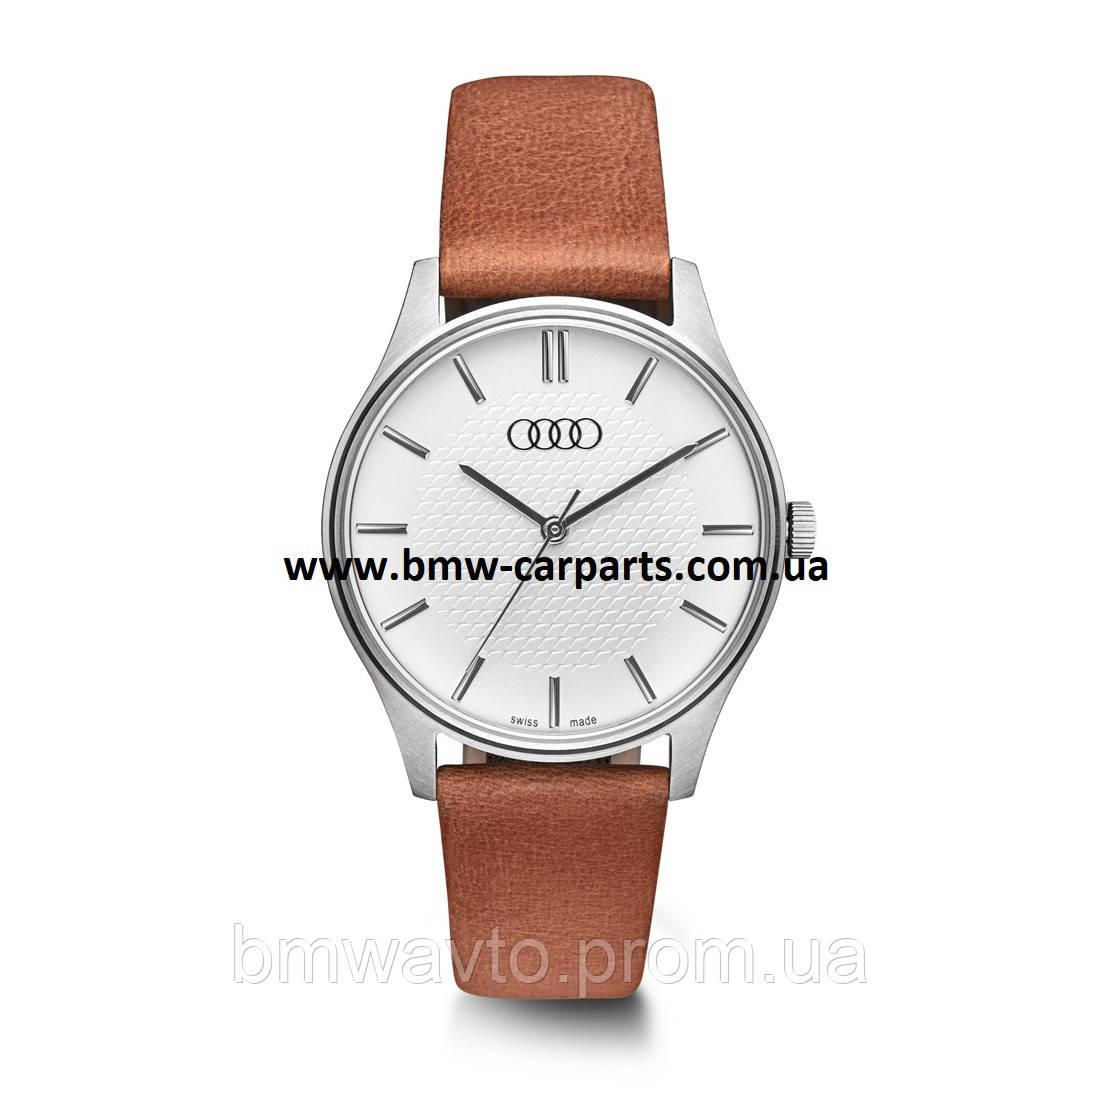 Женские наручные часы Audi Watch, Womens 2018